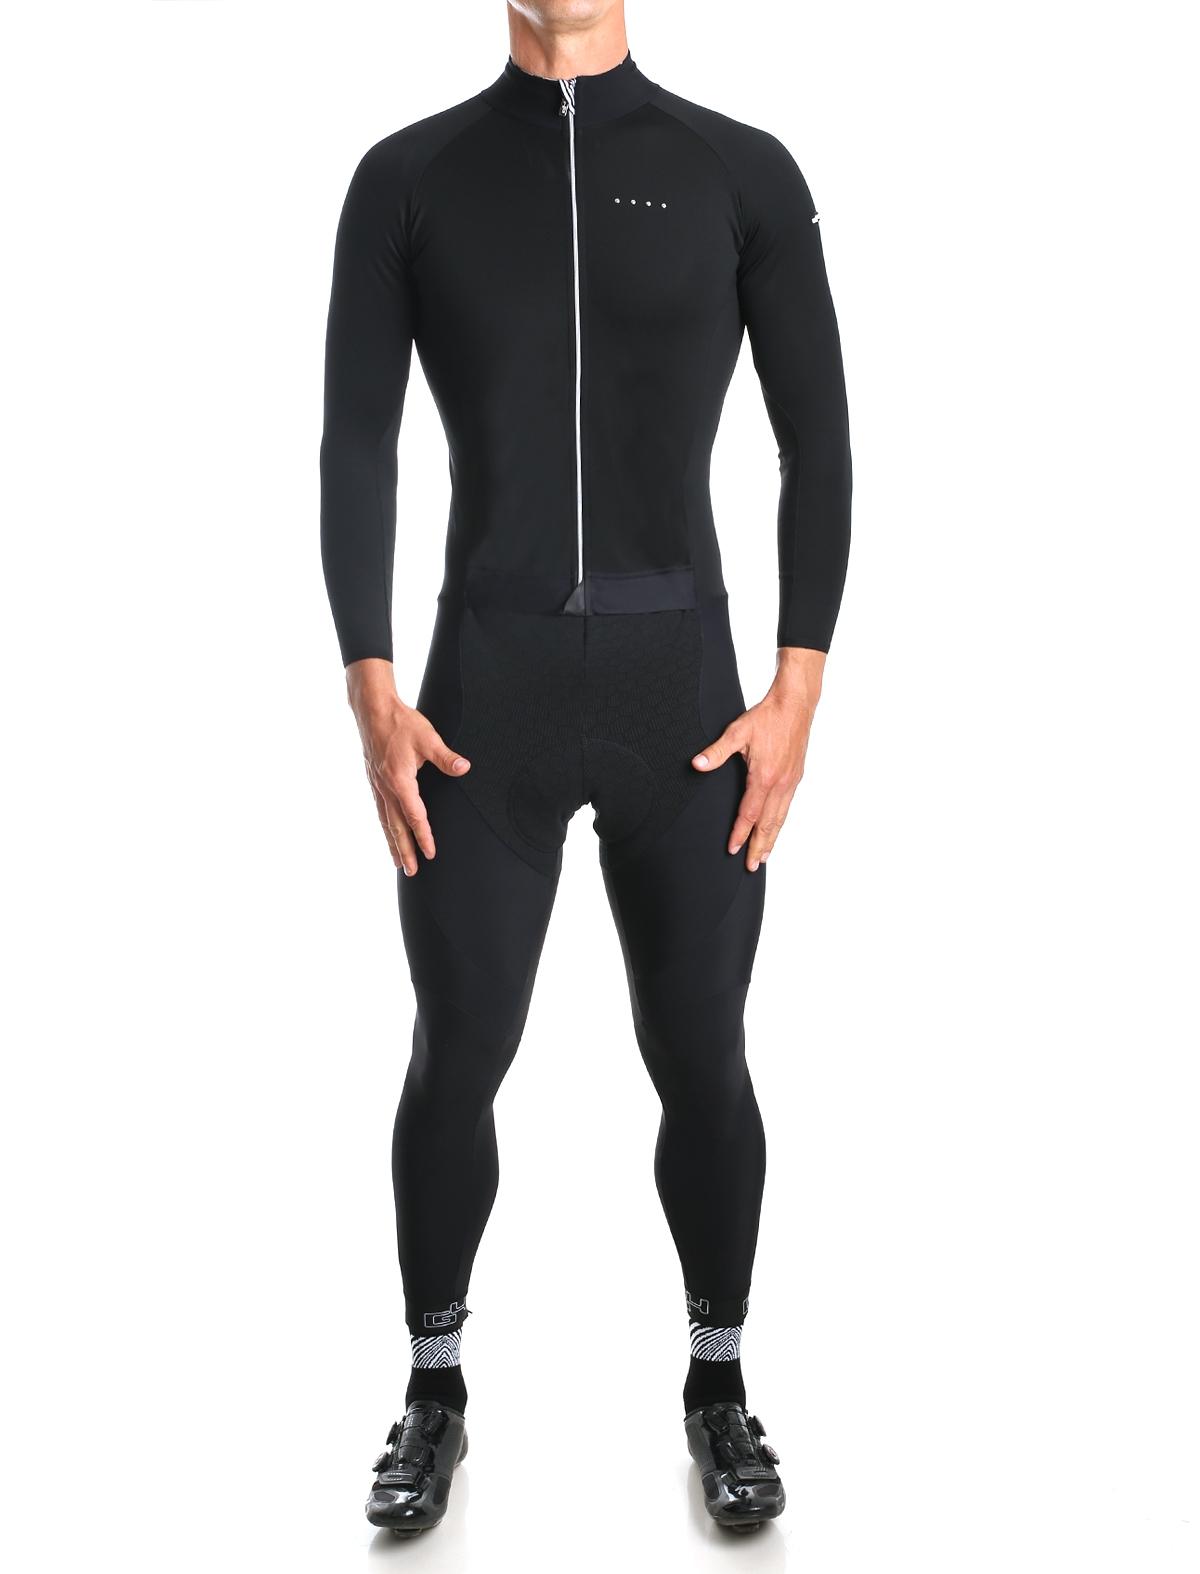 combinaison collant homme freebily noir combinaison cuir homme lingerie en zip wetlook bodysuit. Black Bedroom Furniture Sets. Home Design Ideas